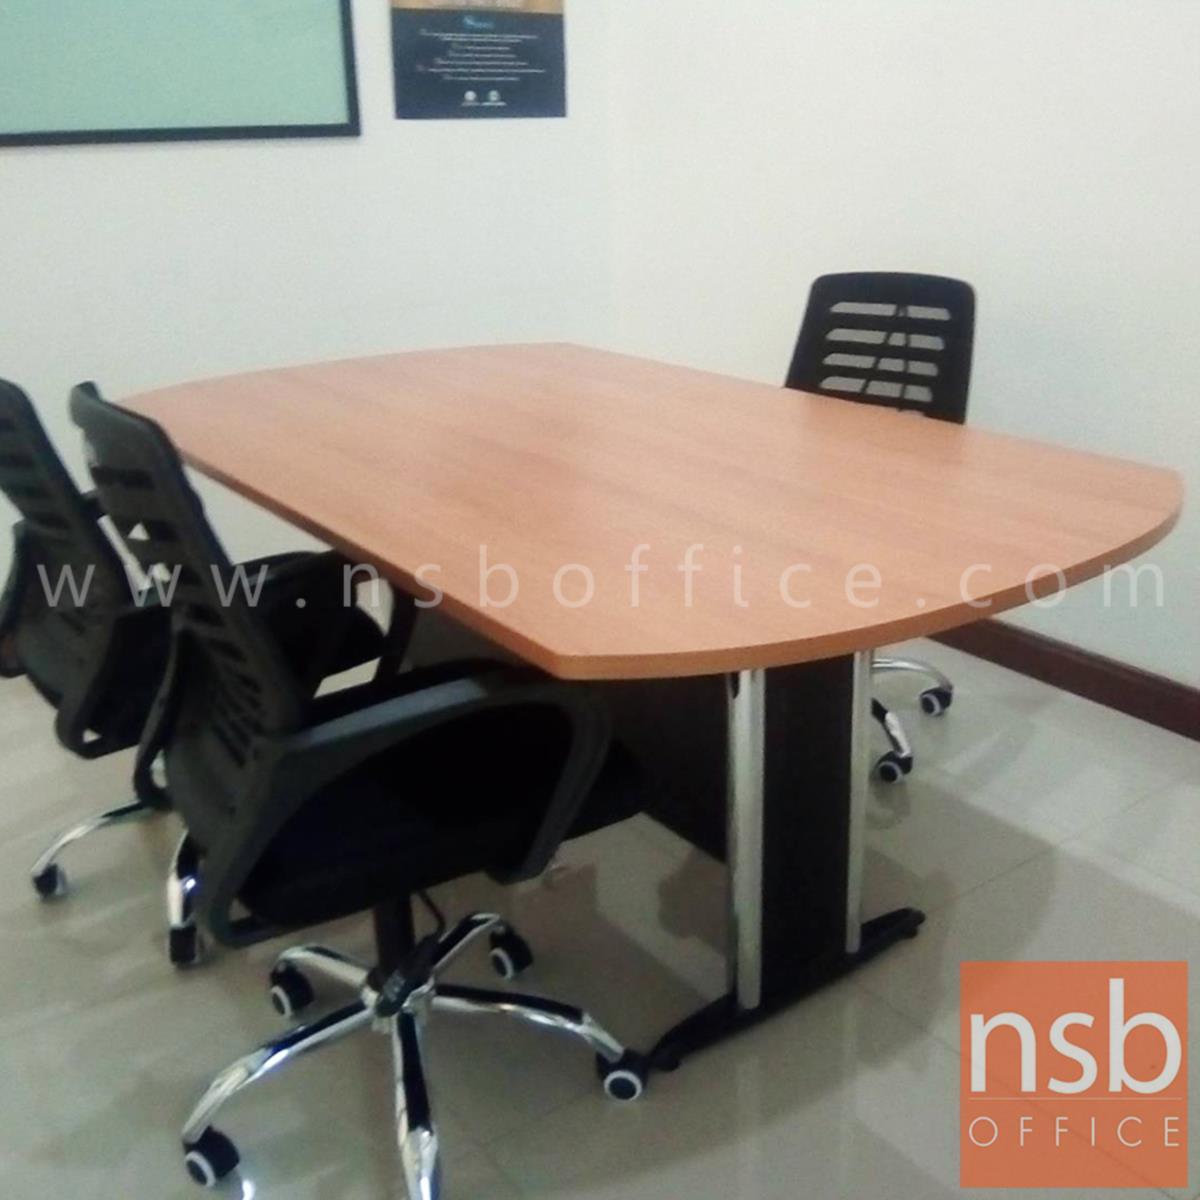 โต๊ะประชุมทรงเหลี่ยมหัวโค้ง  180W, 200W, 240W cm. ระบบคานไม้ ขาเหล็กตัวที